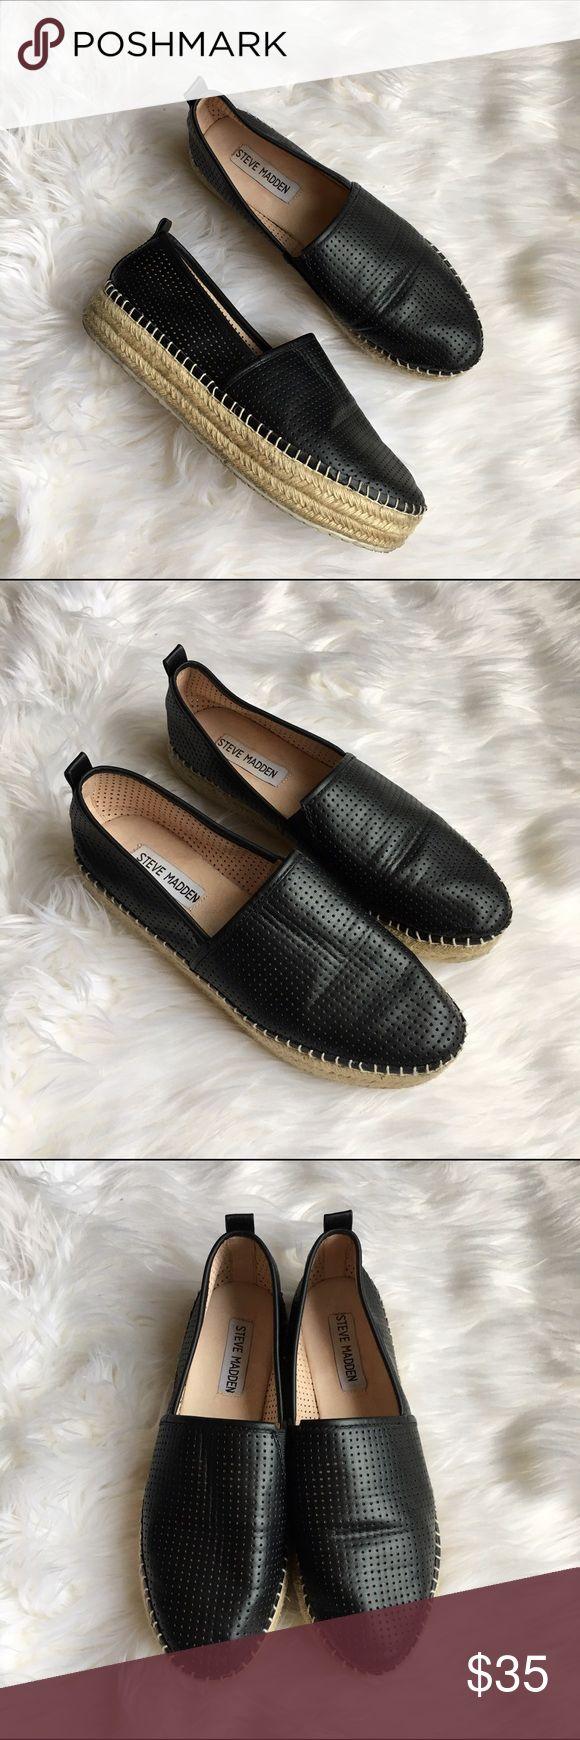 Steve Madden Flatform Peppa Espadrilles Lightly used, Steve Madden flatform Peppa Espadrilles in black perforated leather. Steve Madden Shoes Platforms